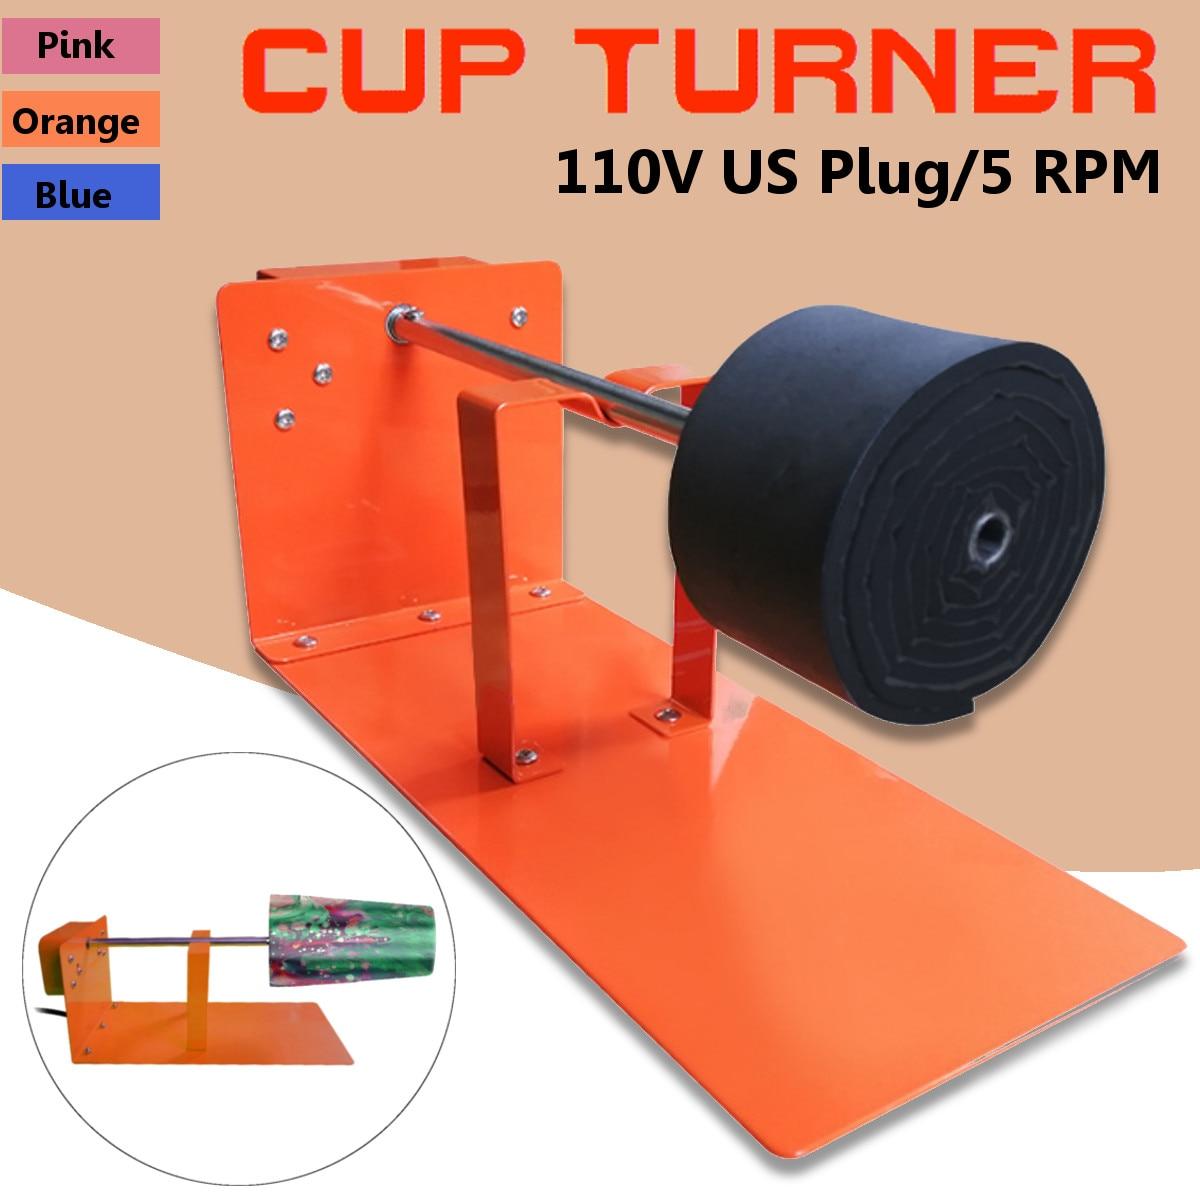 5 tr/min tasse réglable tourneur de tasse Spinner gobelet Cuptisserie mousse faisant tasse bricolage 110 v poterie et céramique outils pour peint